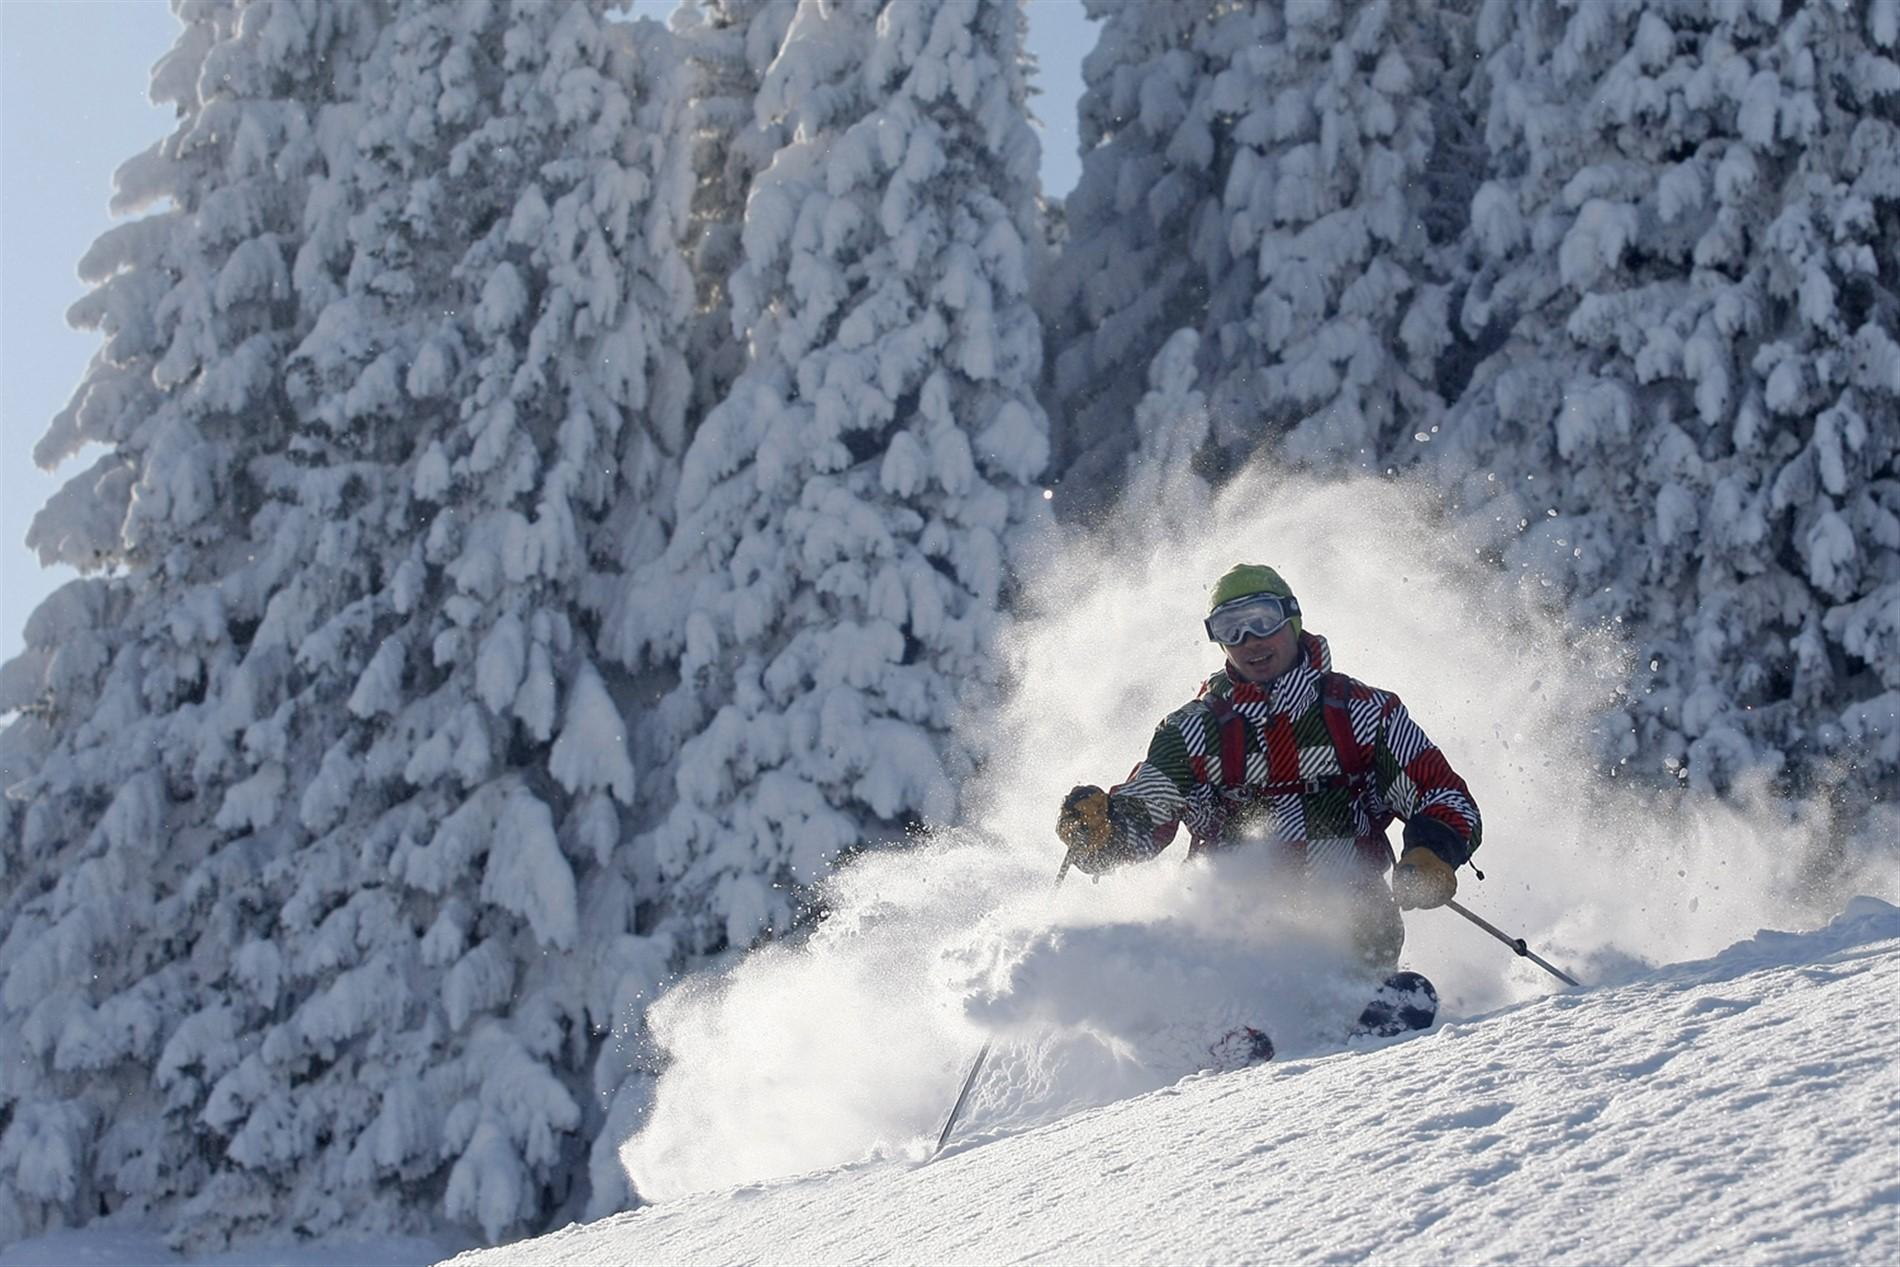 forfait ski grand massif 2 jours. Black Bedroom Furniture Sets. Home Design Ideas